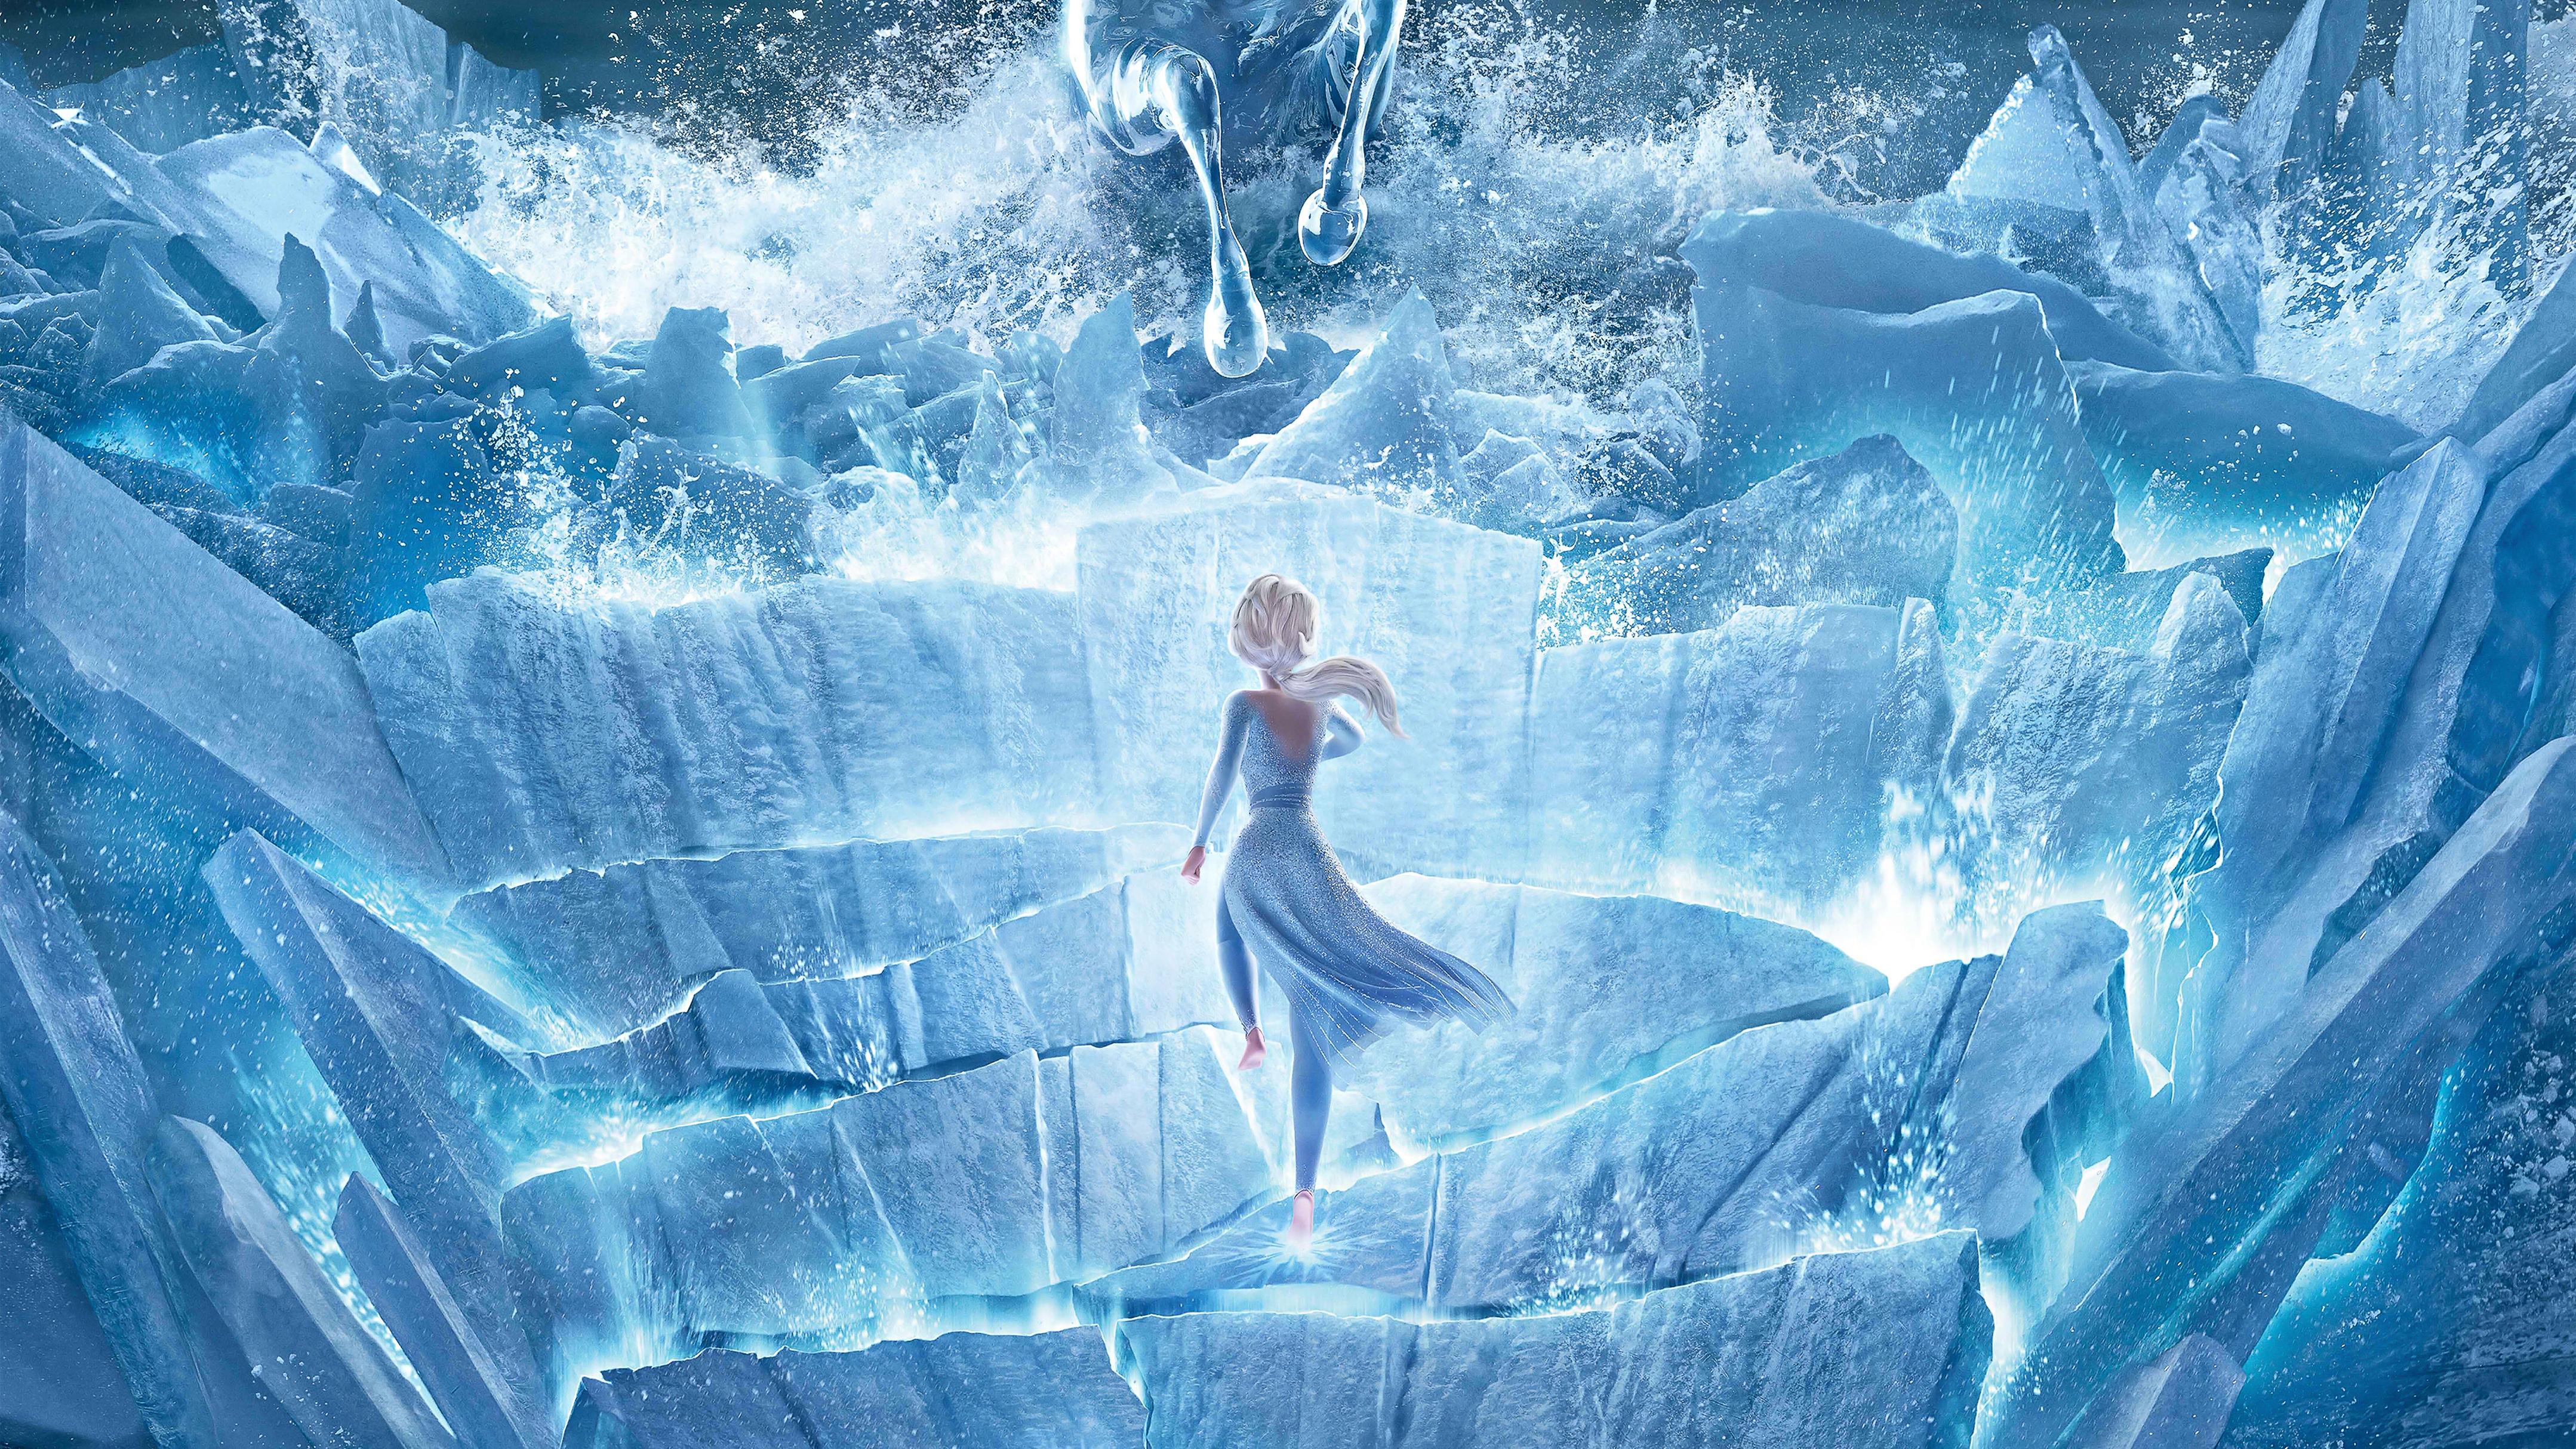 frozen 2 2019 movie new 1575659519 - Frozen 2 2019 Movie New -